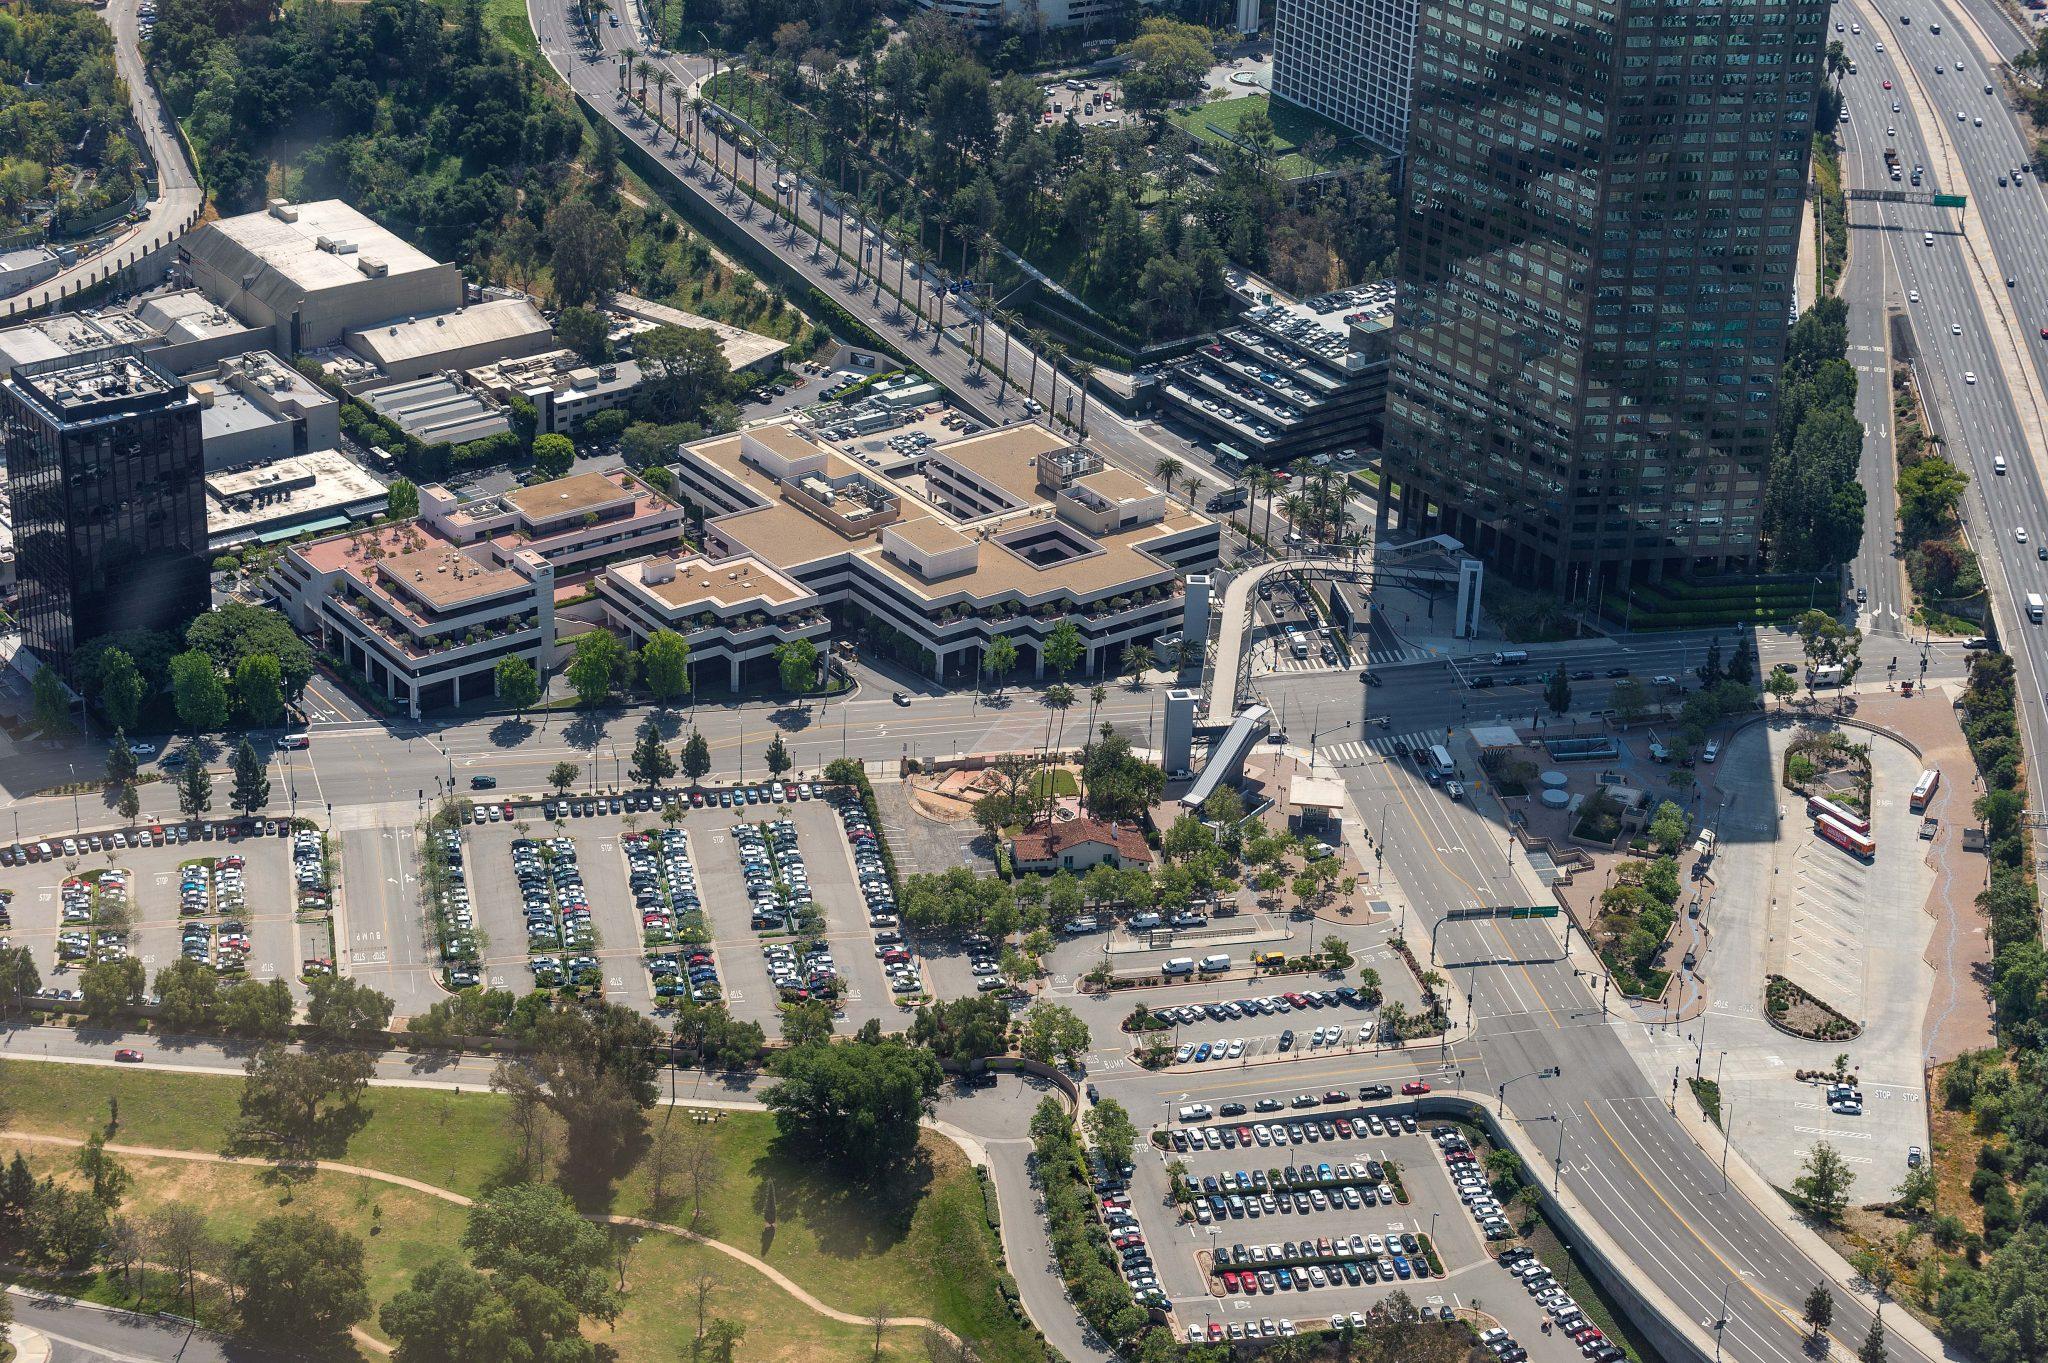 Estación Universal City